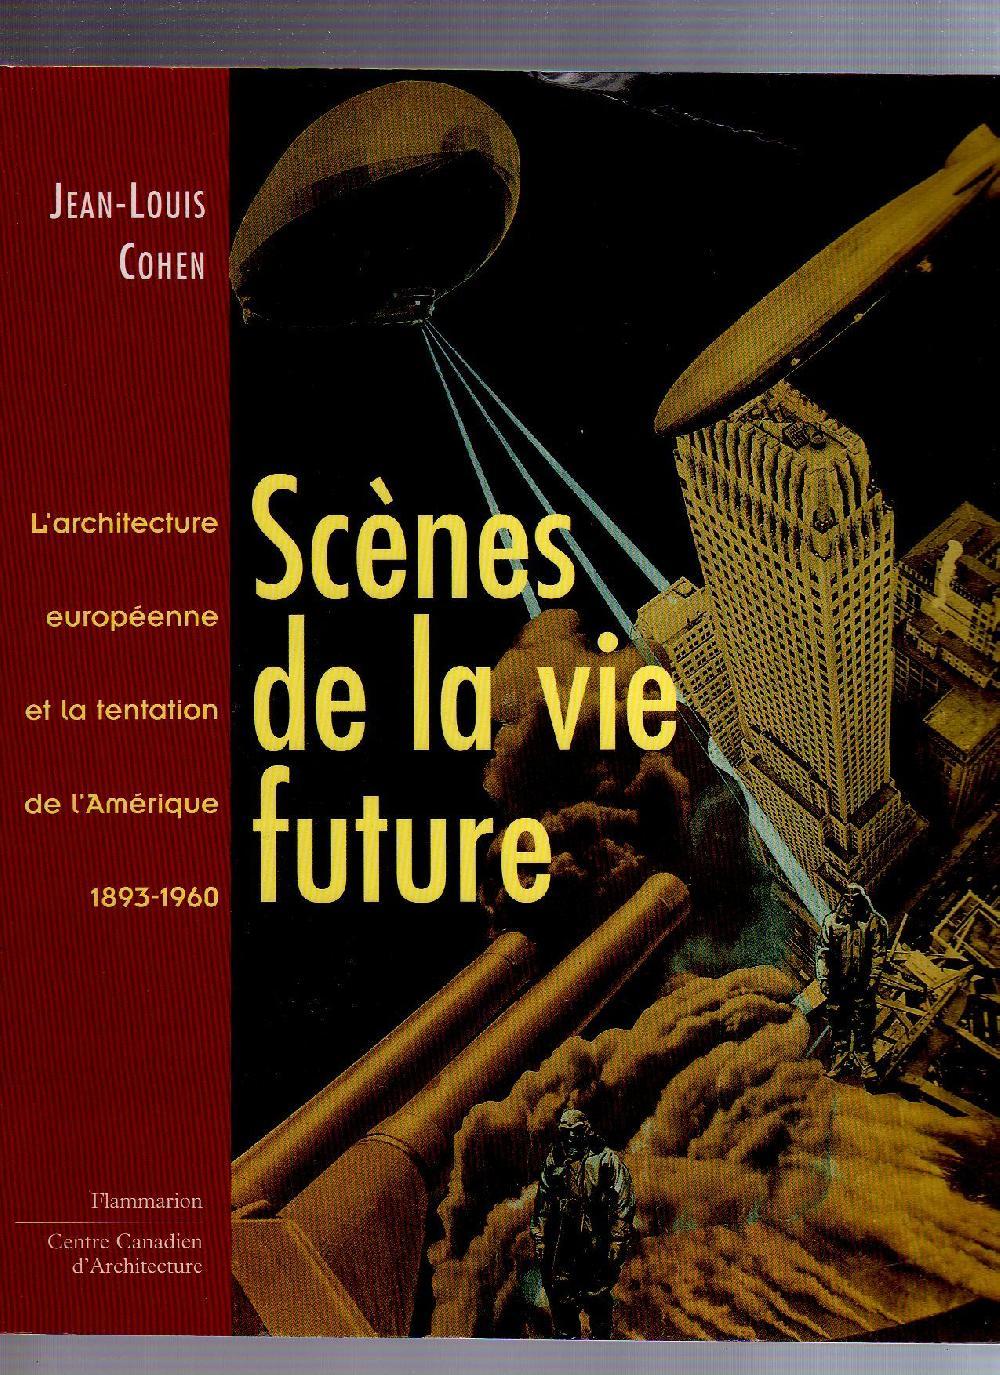 Scènes de la vie future.  L'architecture européenne et la tentation de l' Amérique 1893-1960